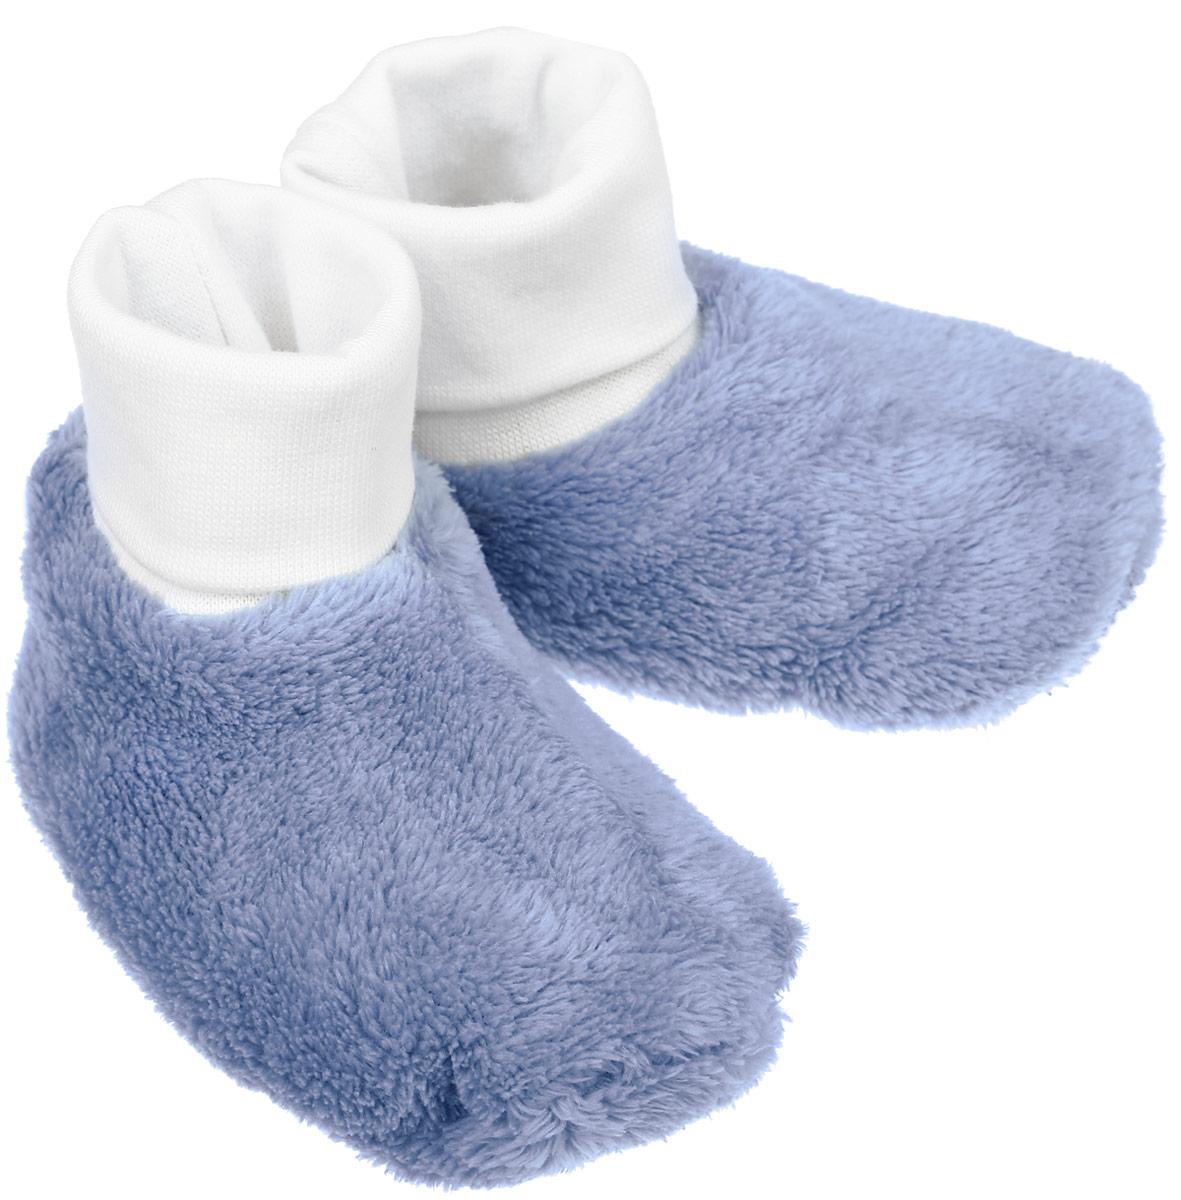 Пинетки517118-0110AТеплые пинетки Reima Levana идеально подойдут для маленьких ножек вашего малыша. Изделие изготовлено из высококачественного полиэстера, отлично удерживает тепло и пропускает воздух, обеспечивая комфорт. Крошечным ножкам очень понравятся эти меховые пинетки! Мягкая хлопчатобумажная подкладка с эластаном очень приятна для тела, а длинная подворачивающаяся резинка удержит пинетки на ножке и гарантирует оптимальную посадку. Эти пинетки очень легко надеваются! Такие пинетки - отличное решение для малышей и их родителей!